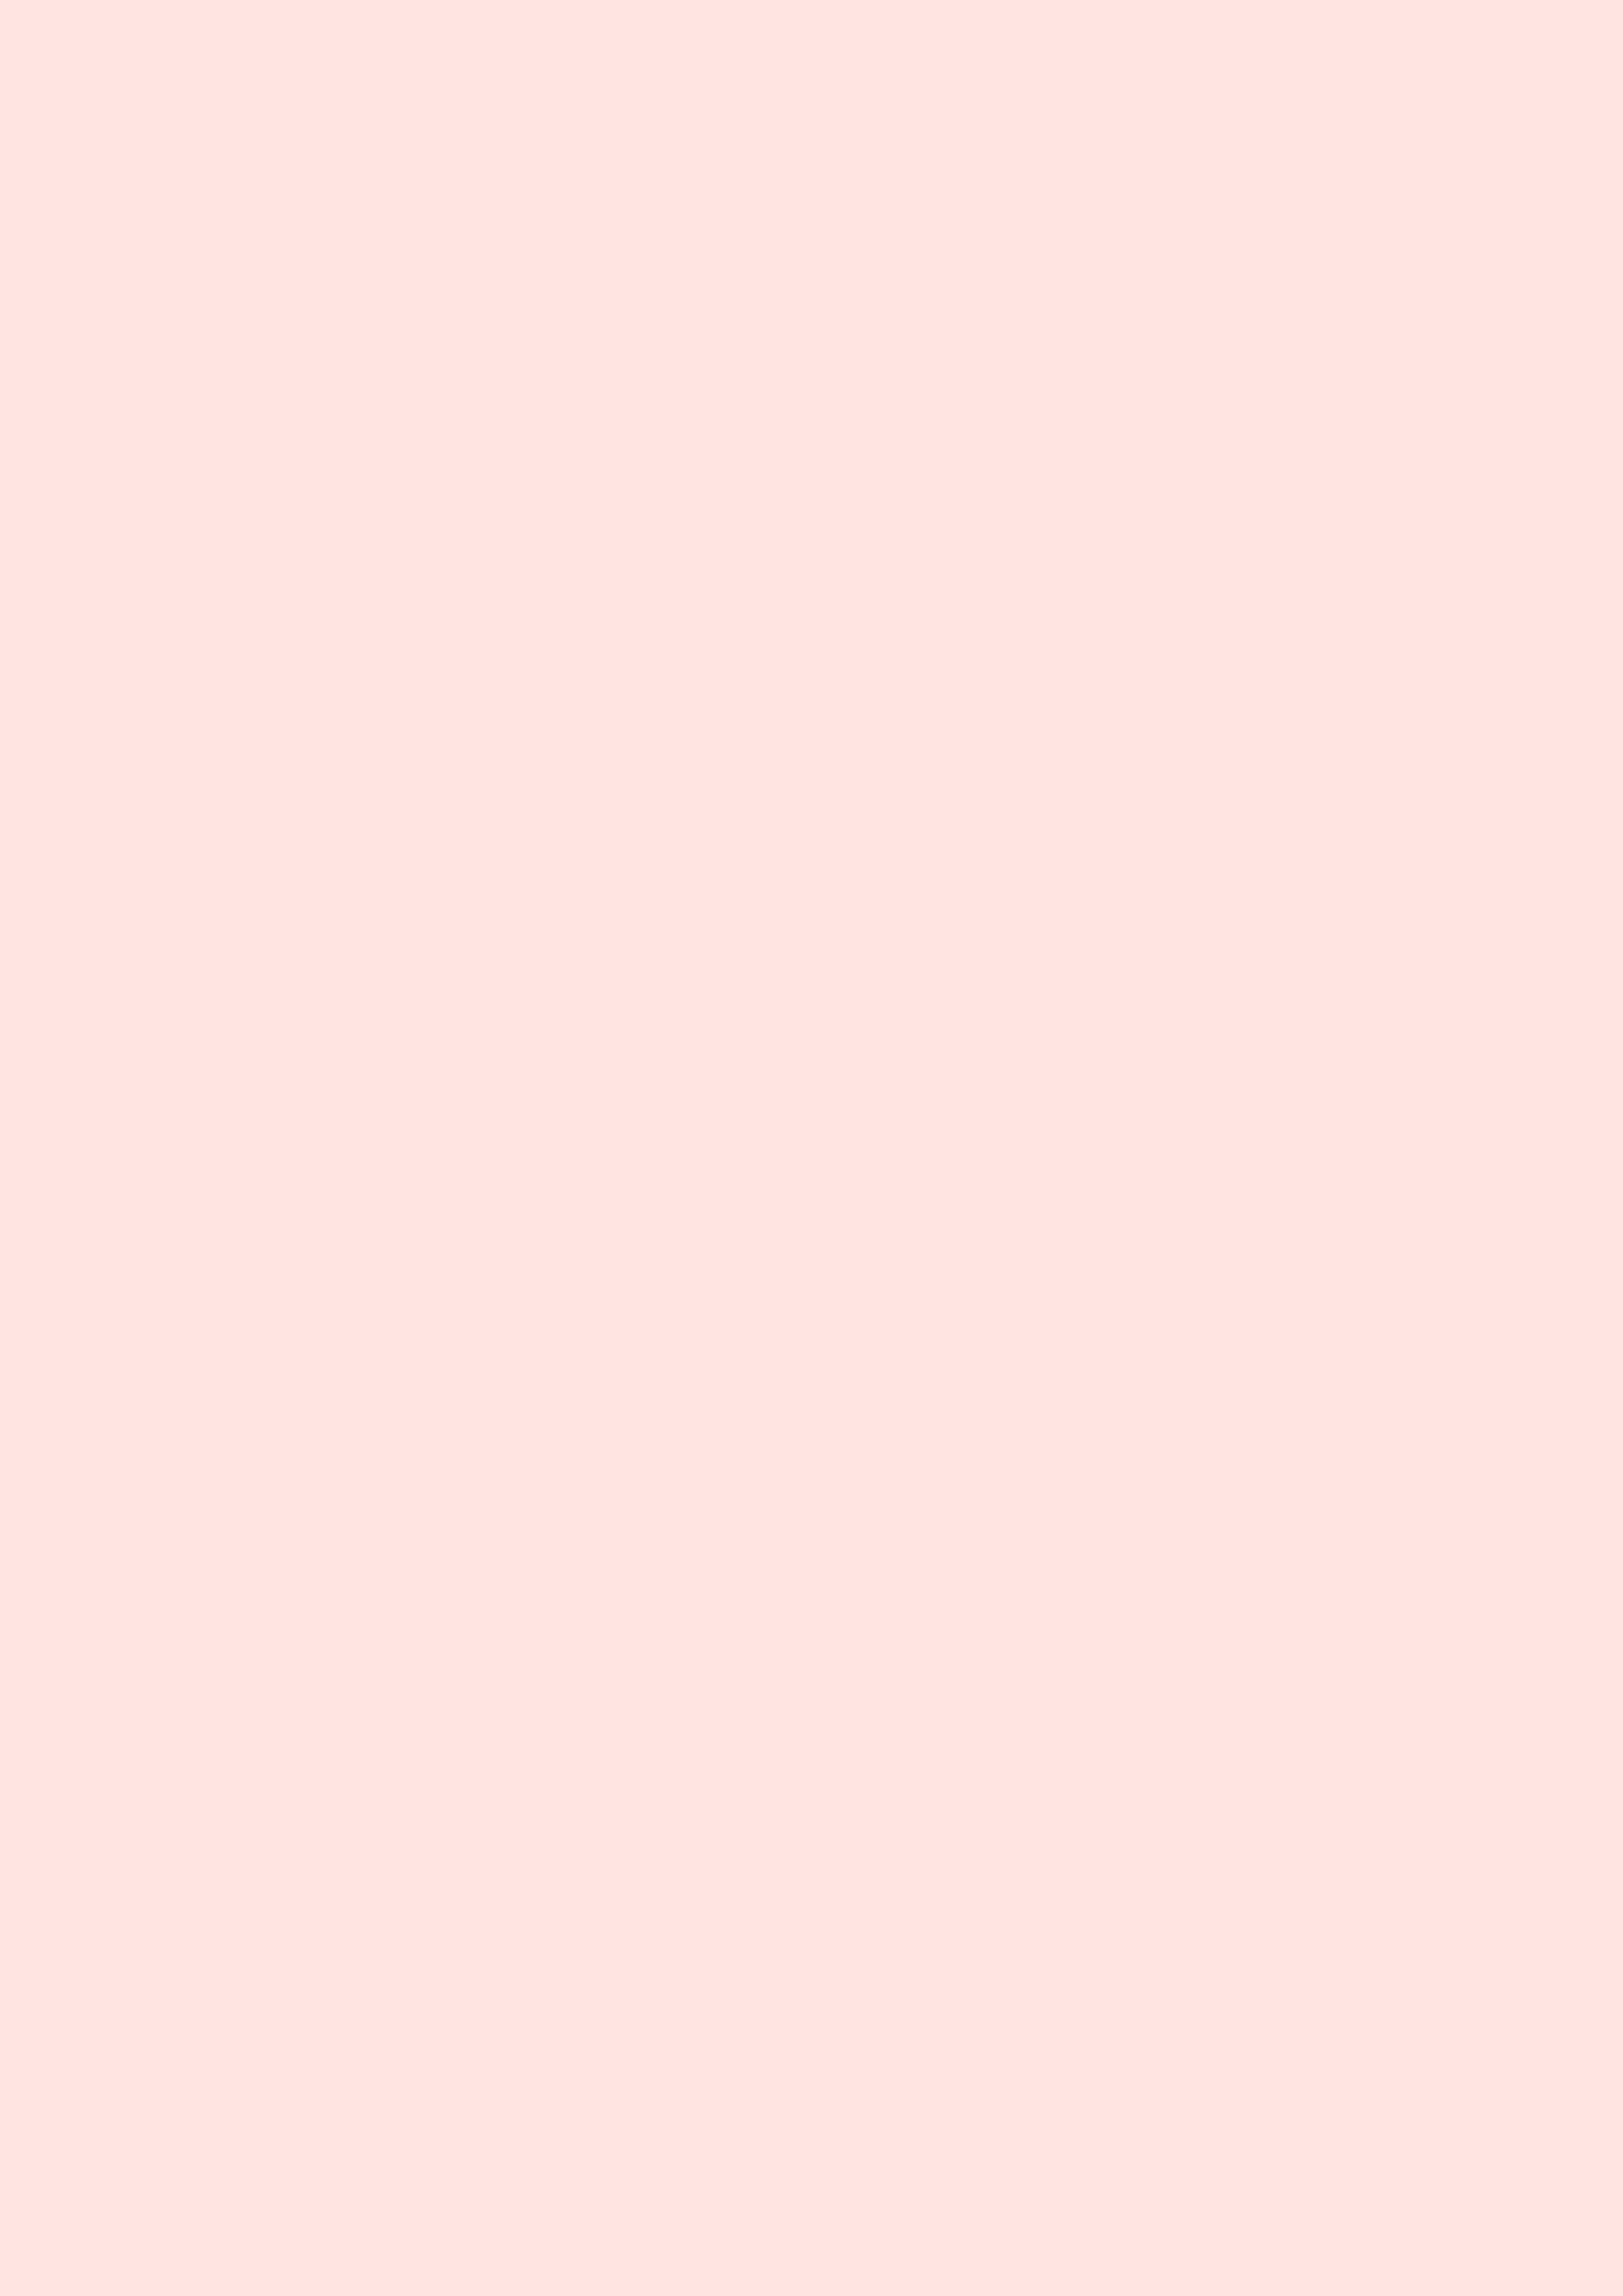 2480x3508 Misty Rose Solid Color Background